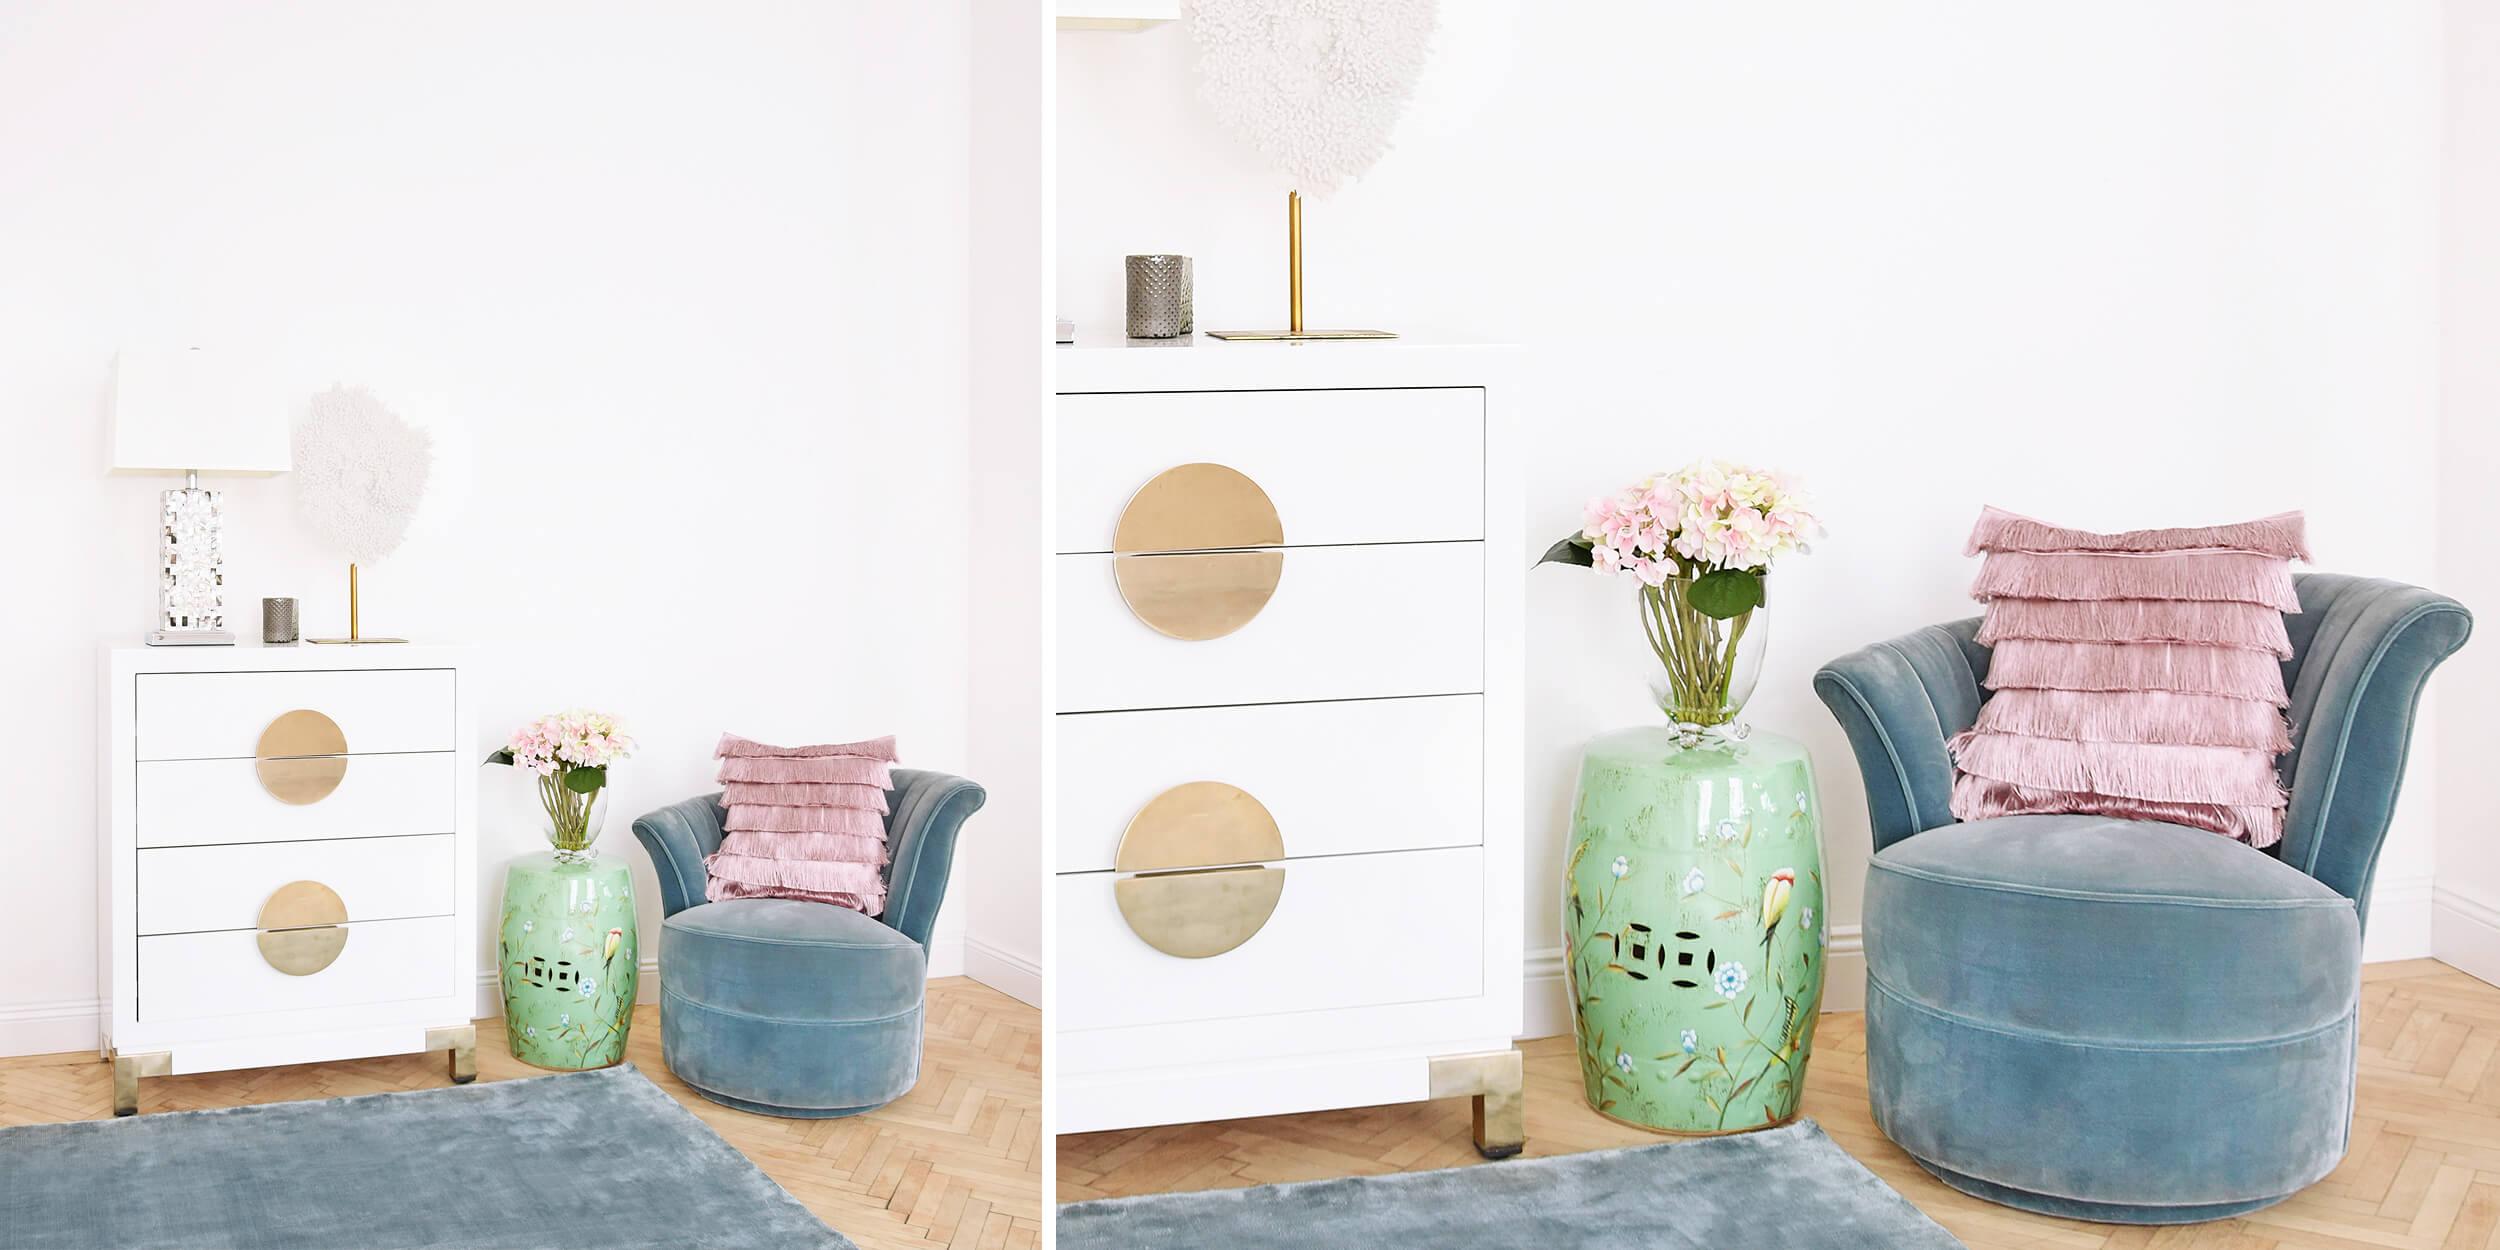 türkisblau, Rosa & Weiß: Summervibes für Zuhause